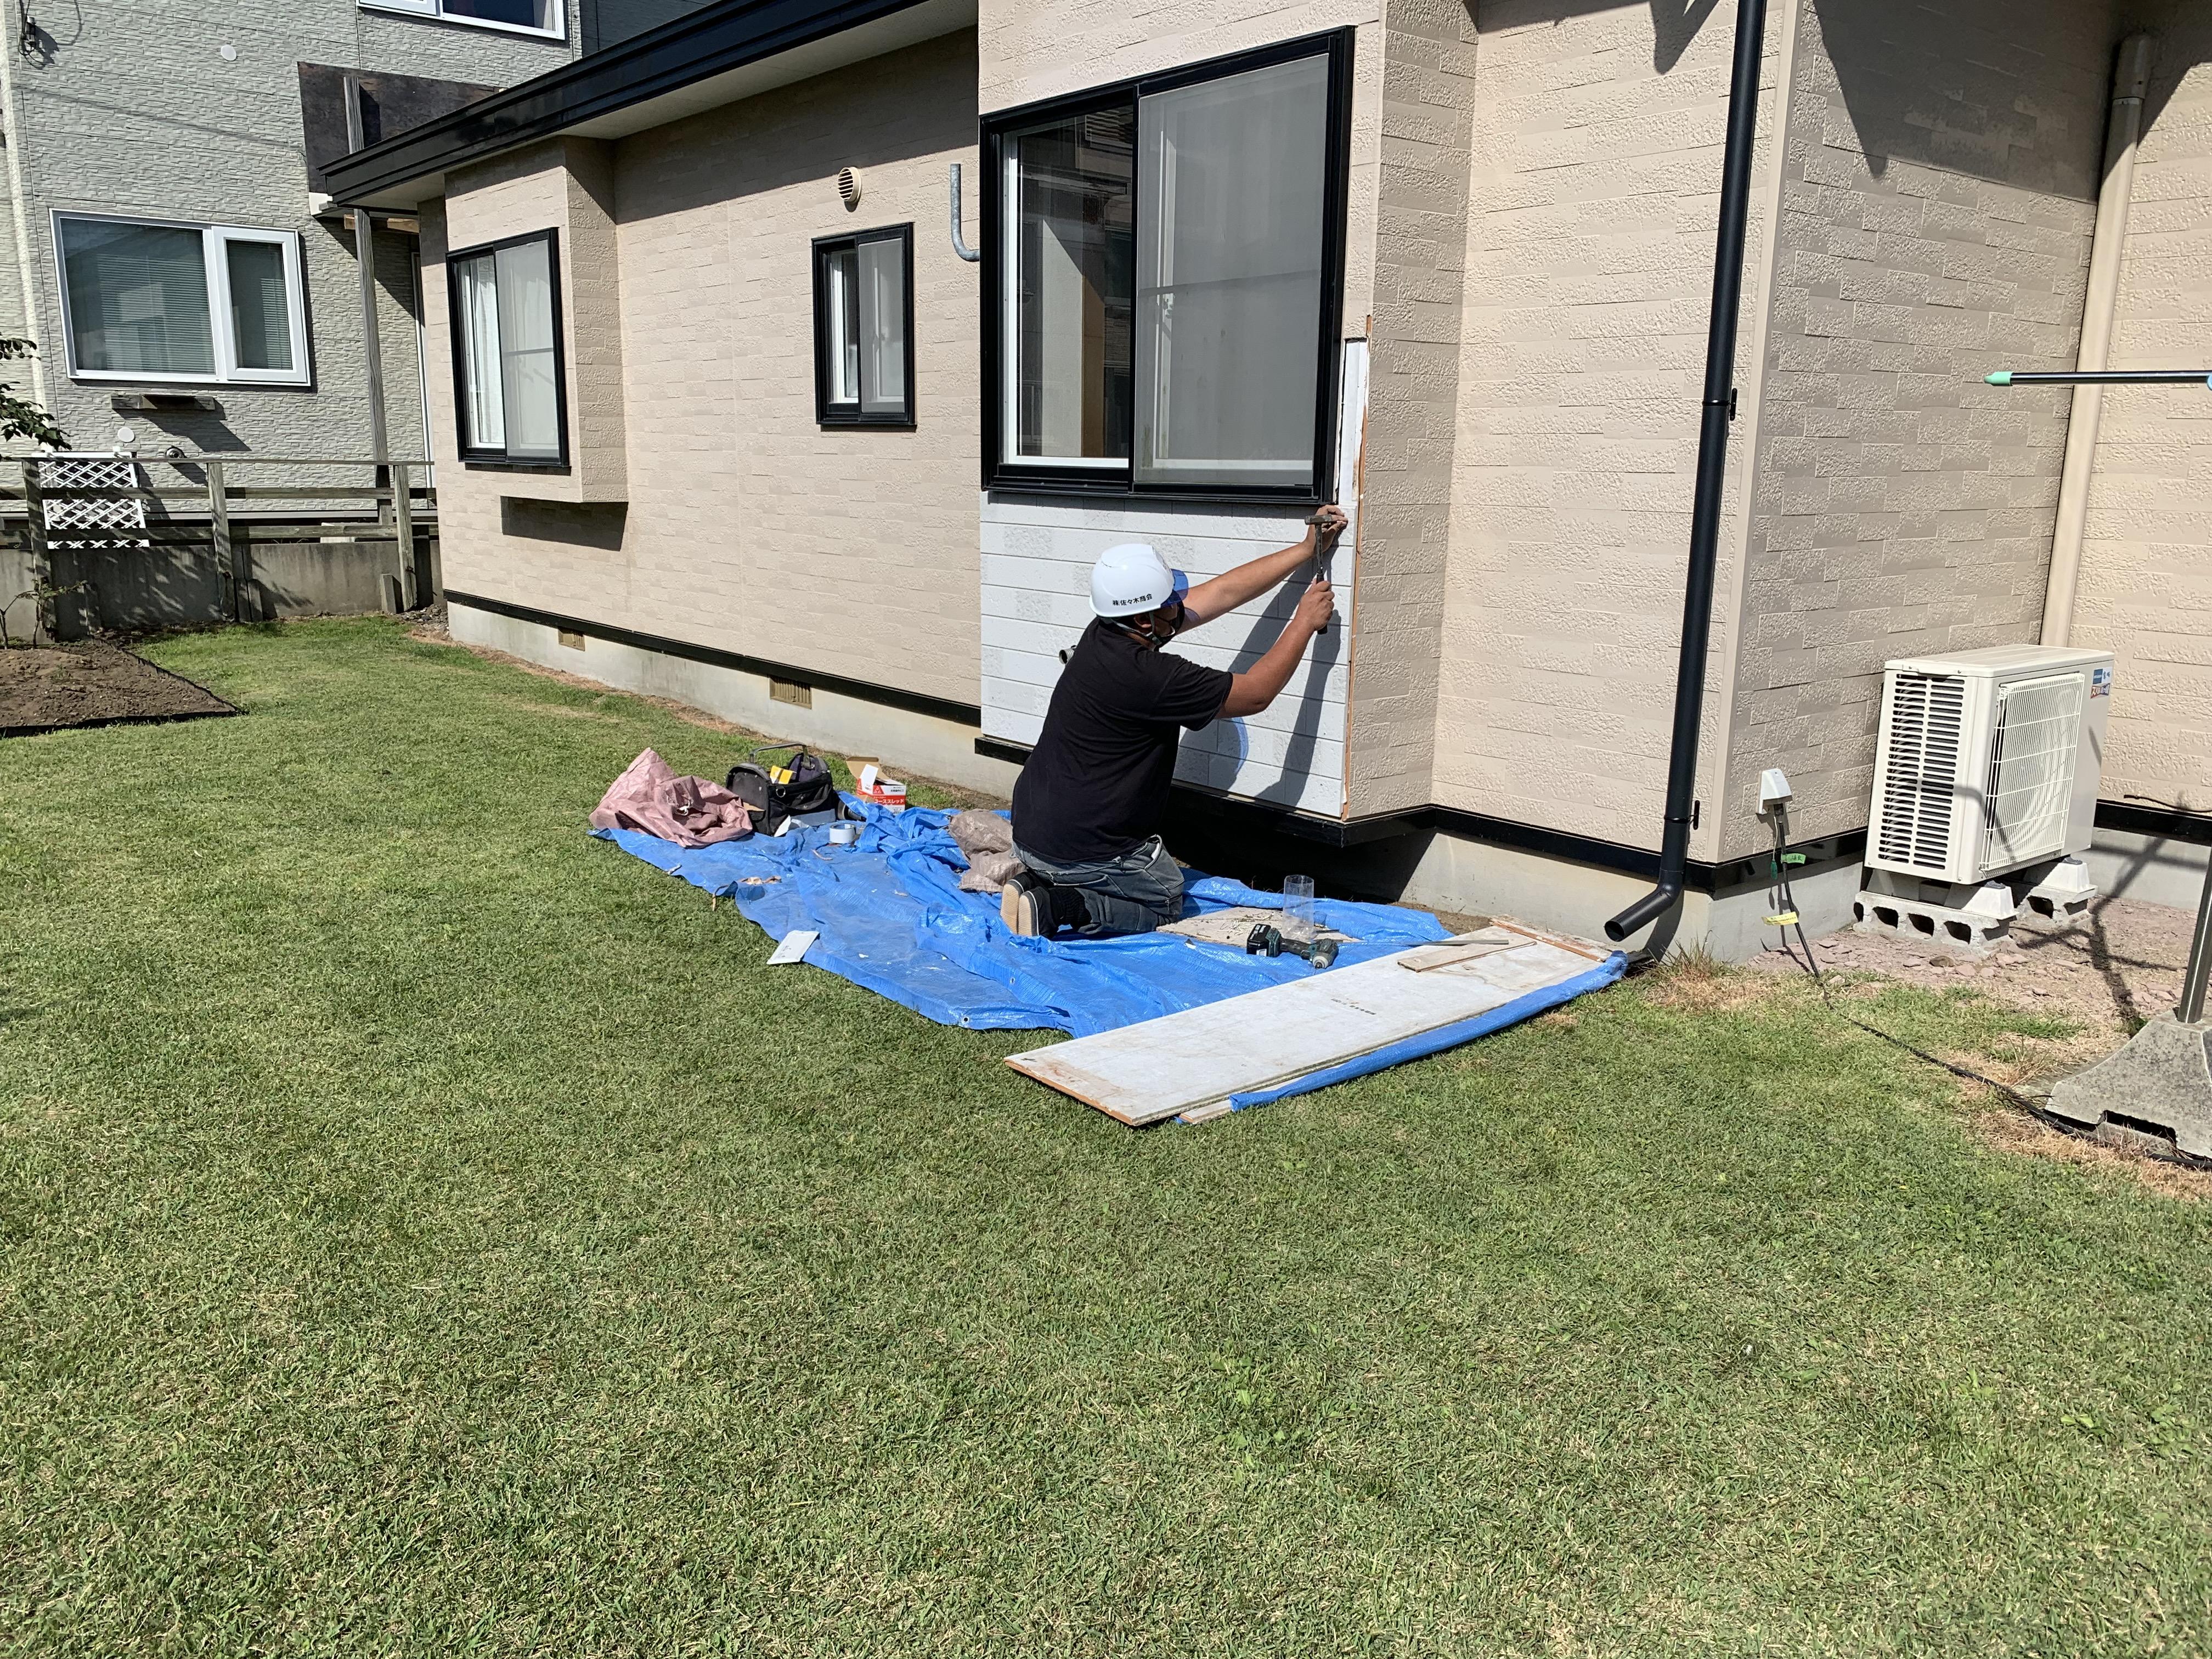 【八戸】雨漏修繕の作業風景 外壁塗装|屋根塗装|塗装業者|塗装屋|塗装会社